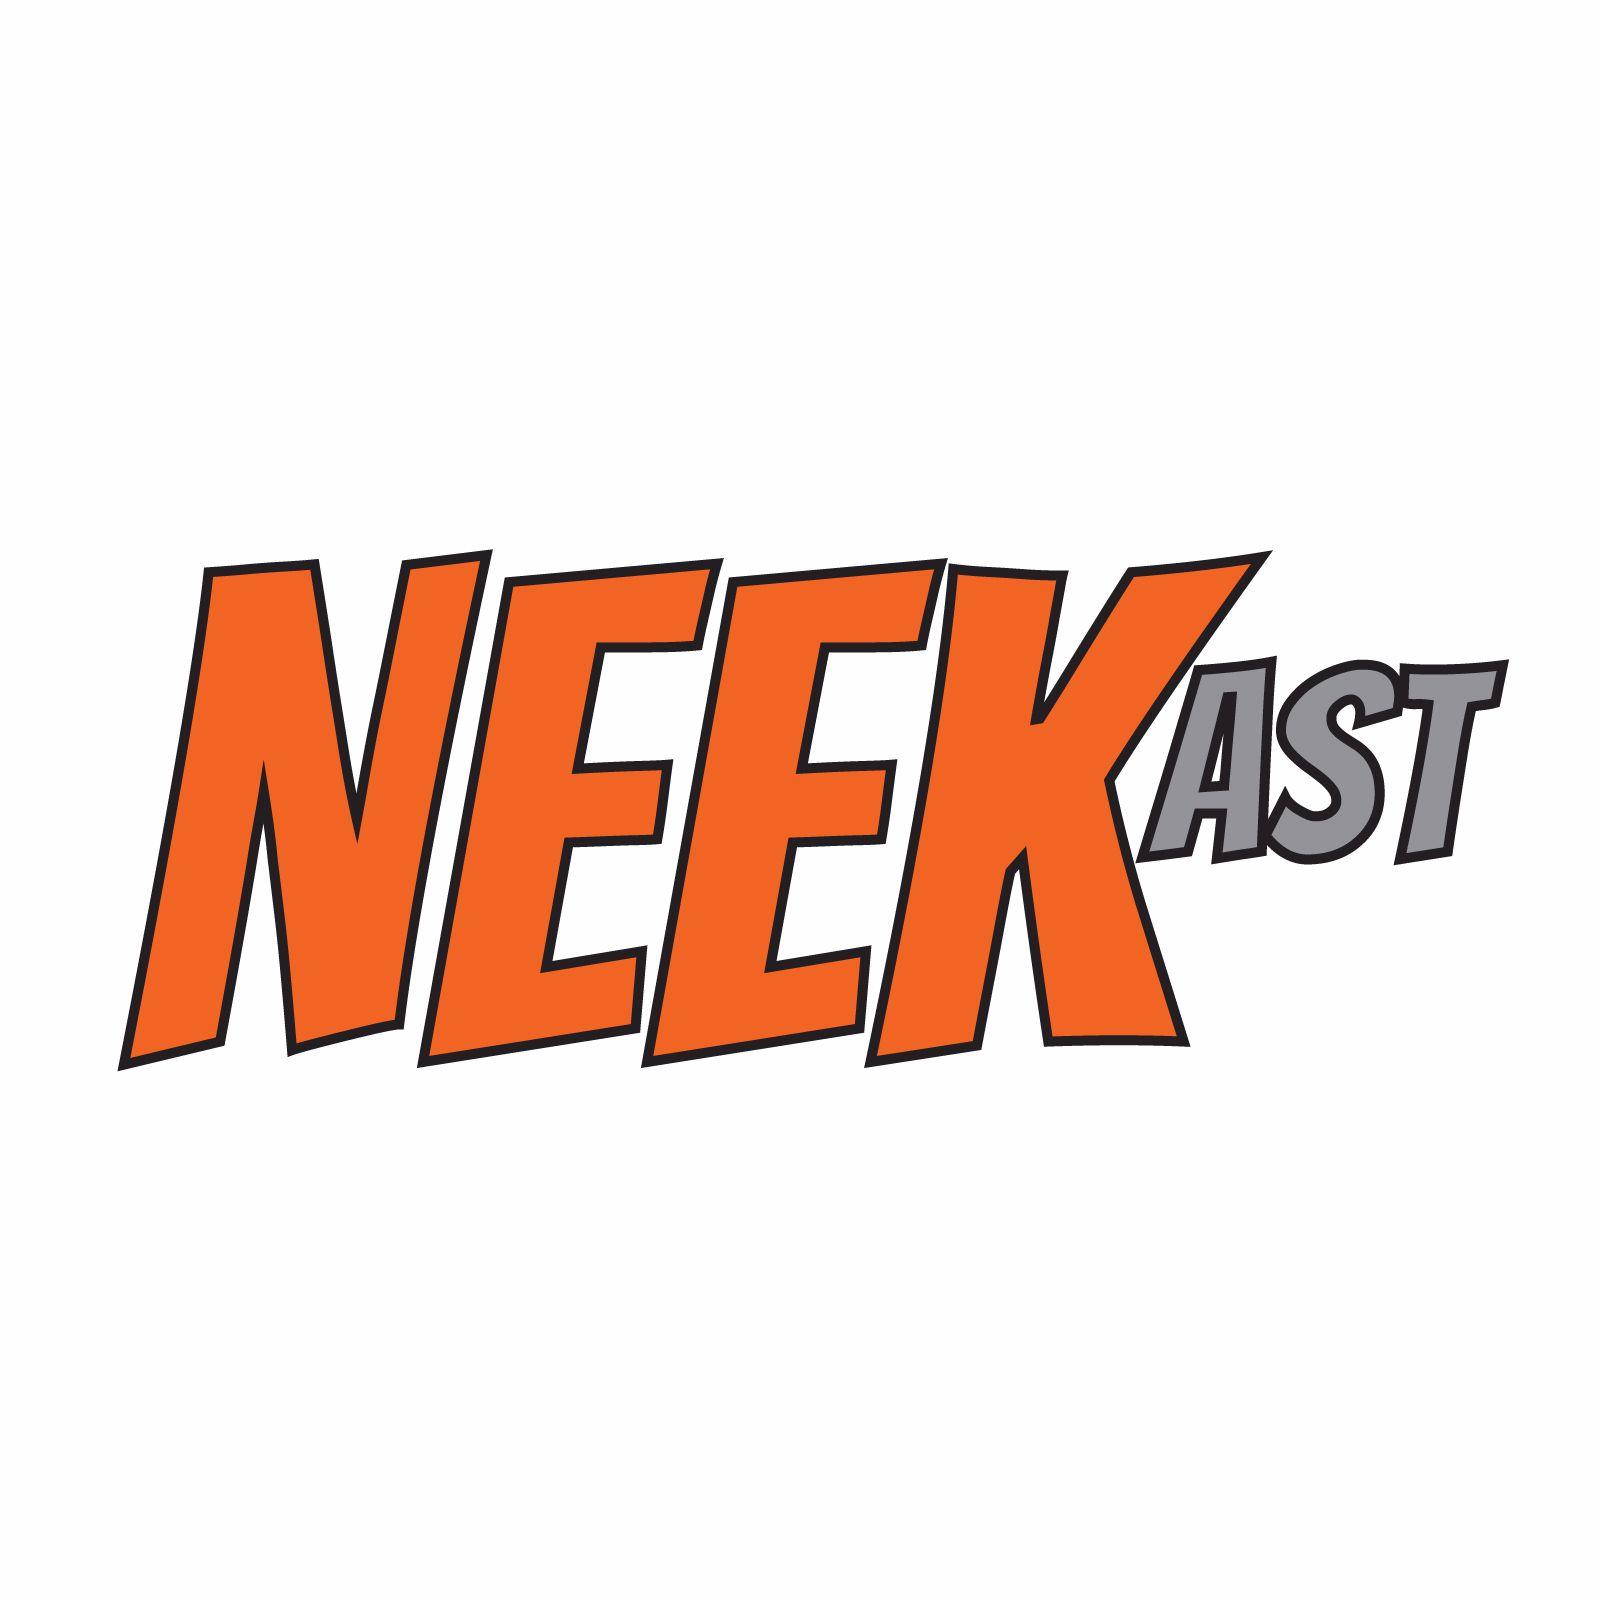 NEEKast